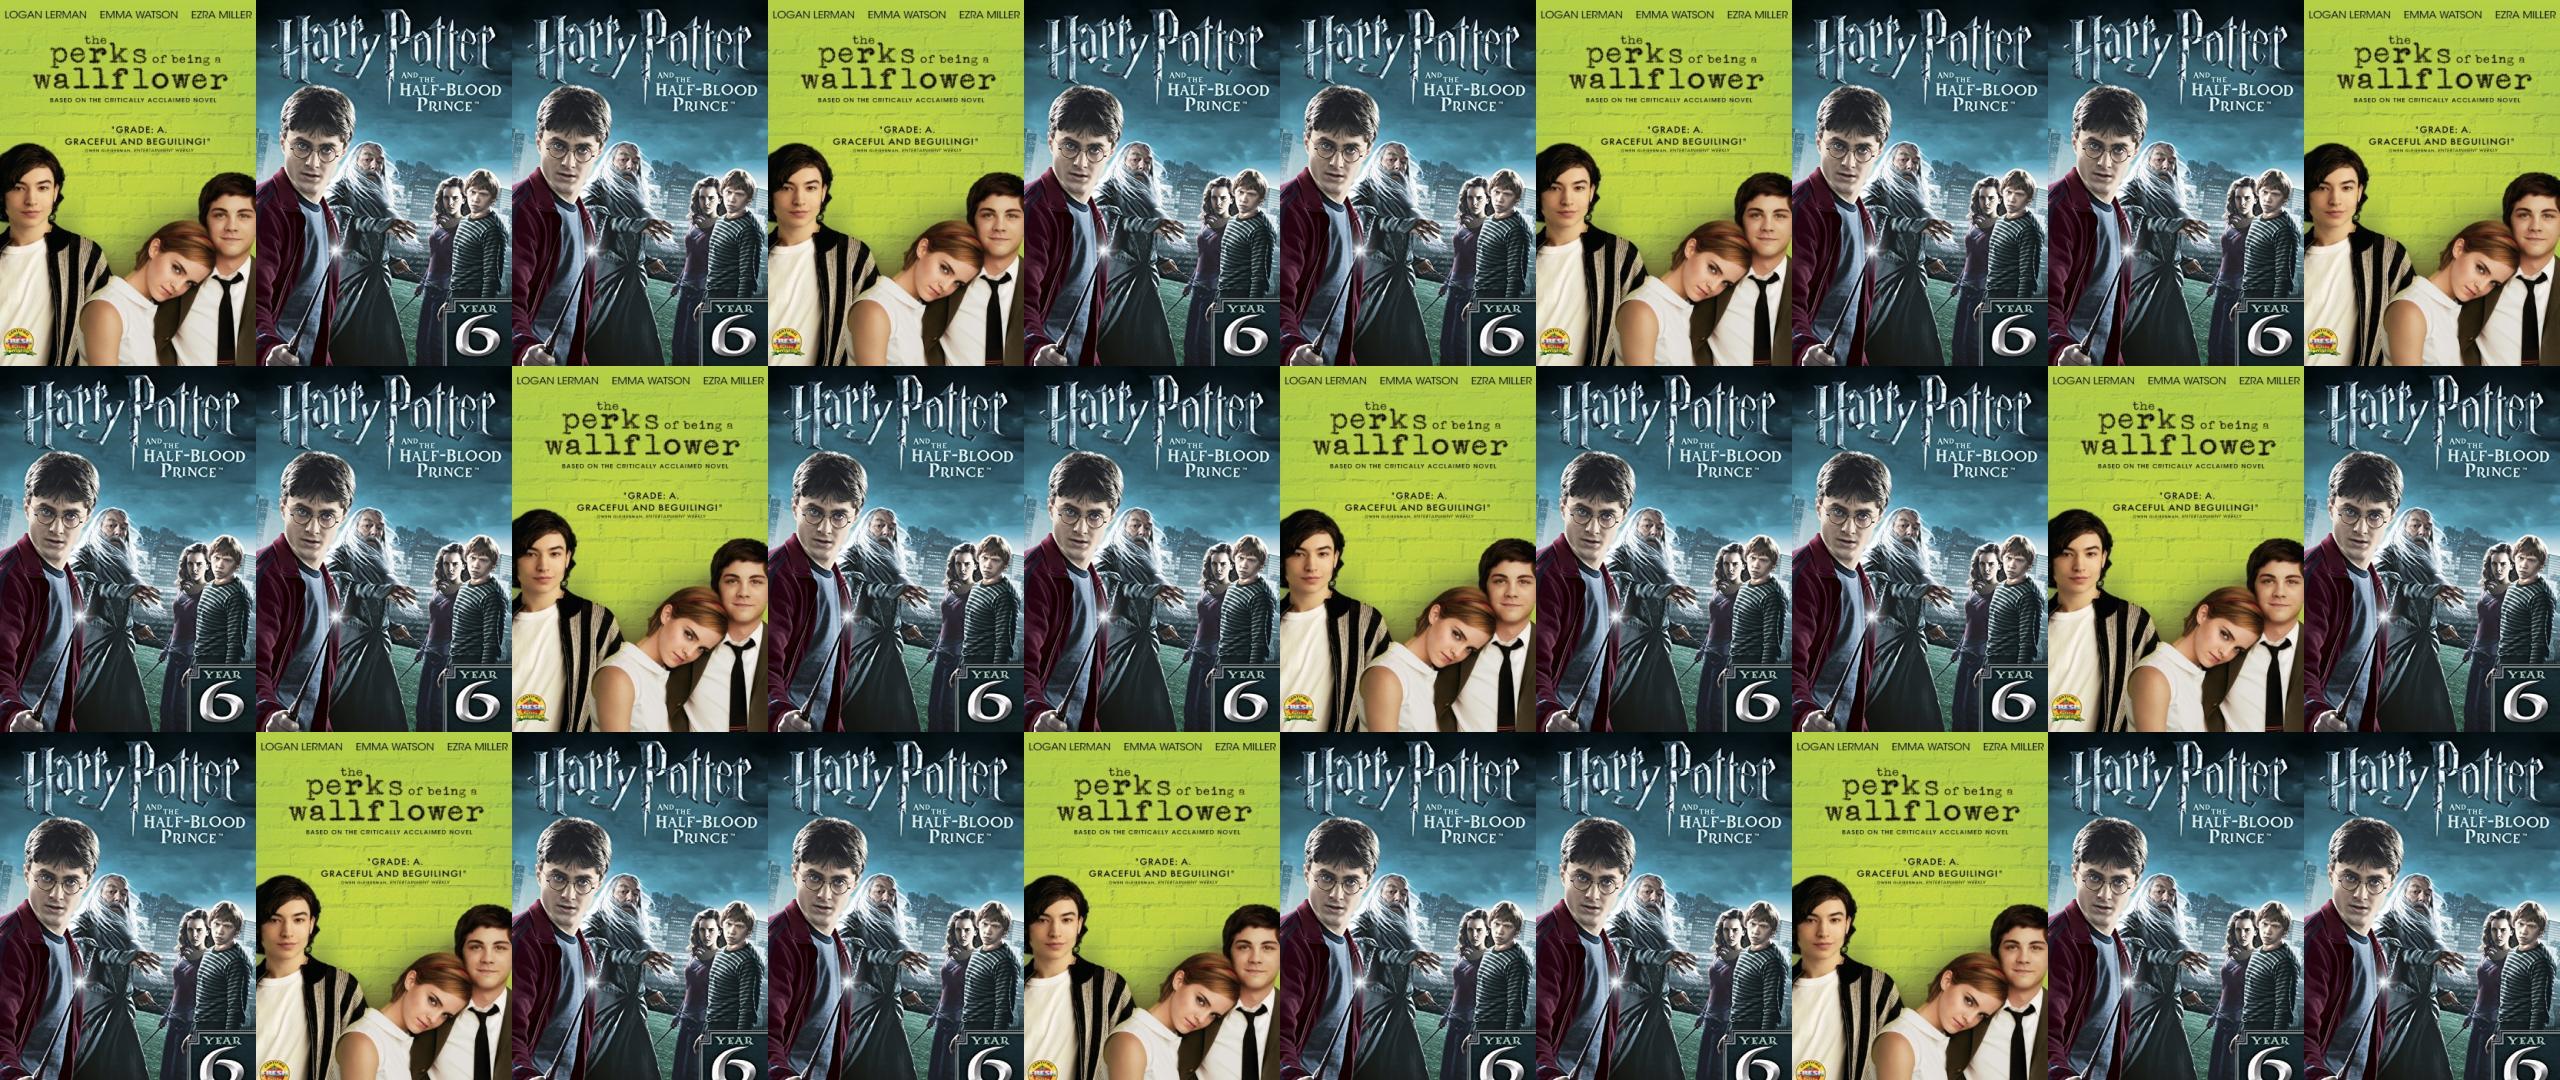 Perks Being Wallflower Harry Potter Harry Potter Wallpaper Tiled